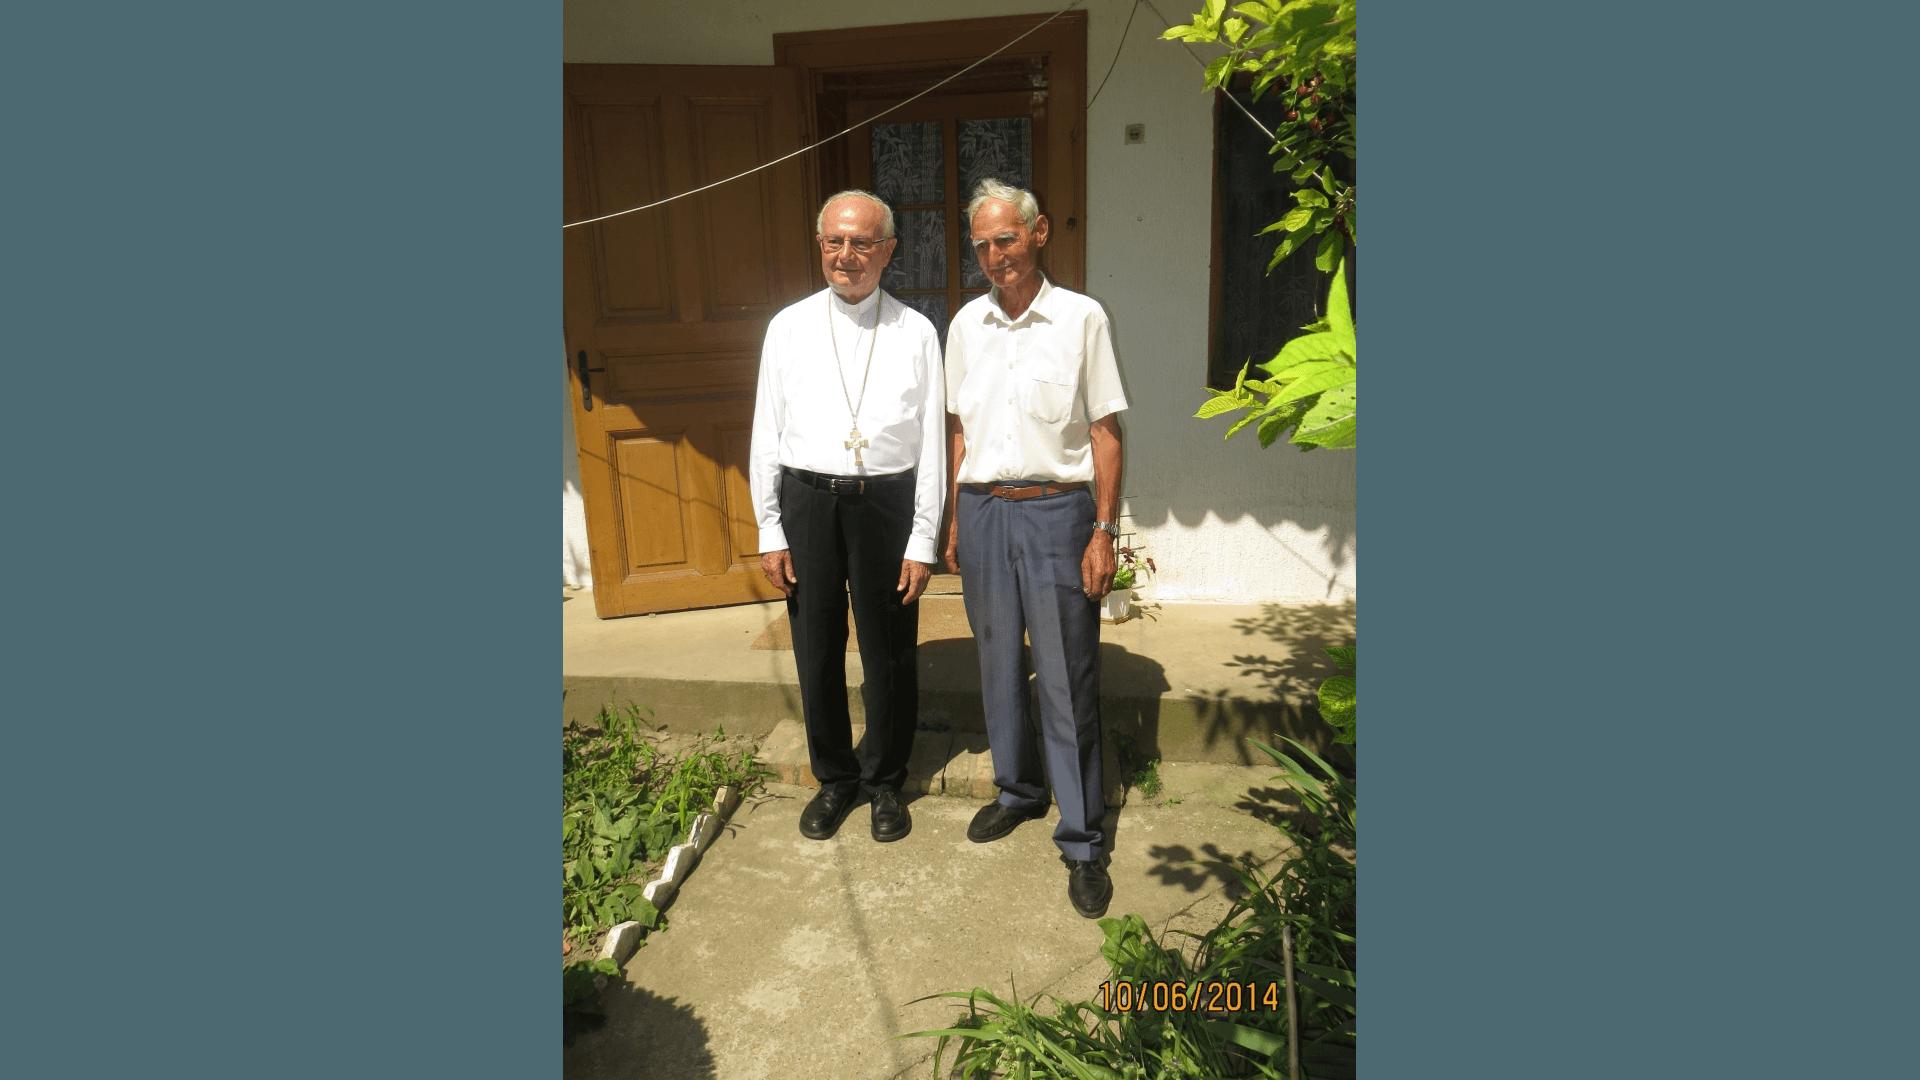 Em. Erzbischof Zollitsch mit der Besuchergruppe im Jahr 2014 im Hof seines Geburtshauses mit dem in diesem Haus seit 1949 lebenden Bewohner Dusan Brkljac. Foto: Archiv Freundeskreis Filipowa